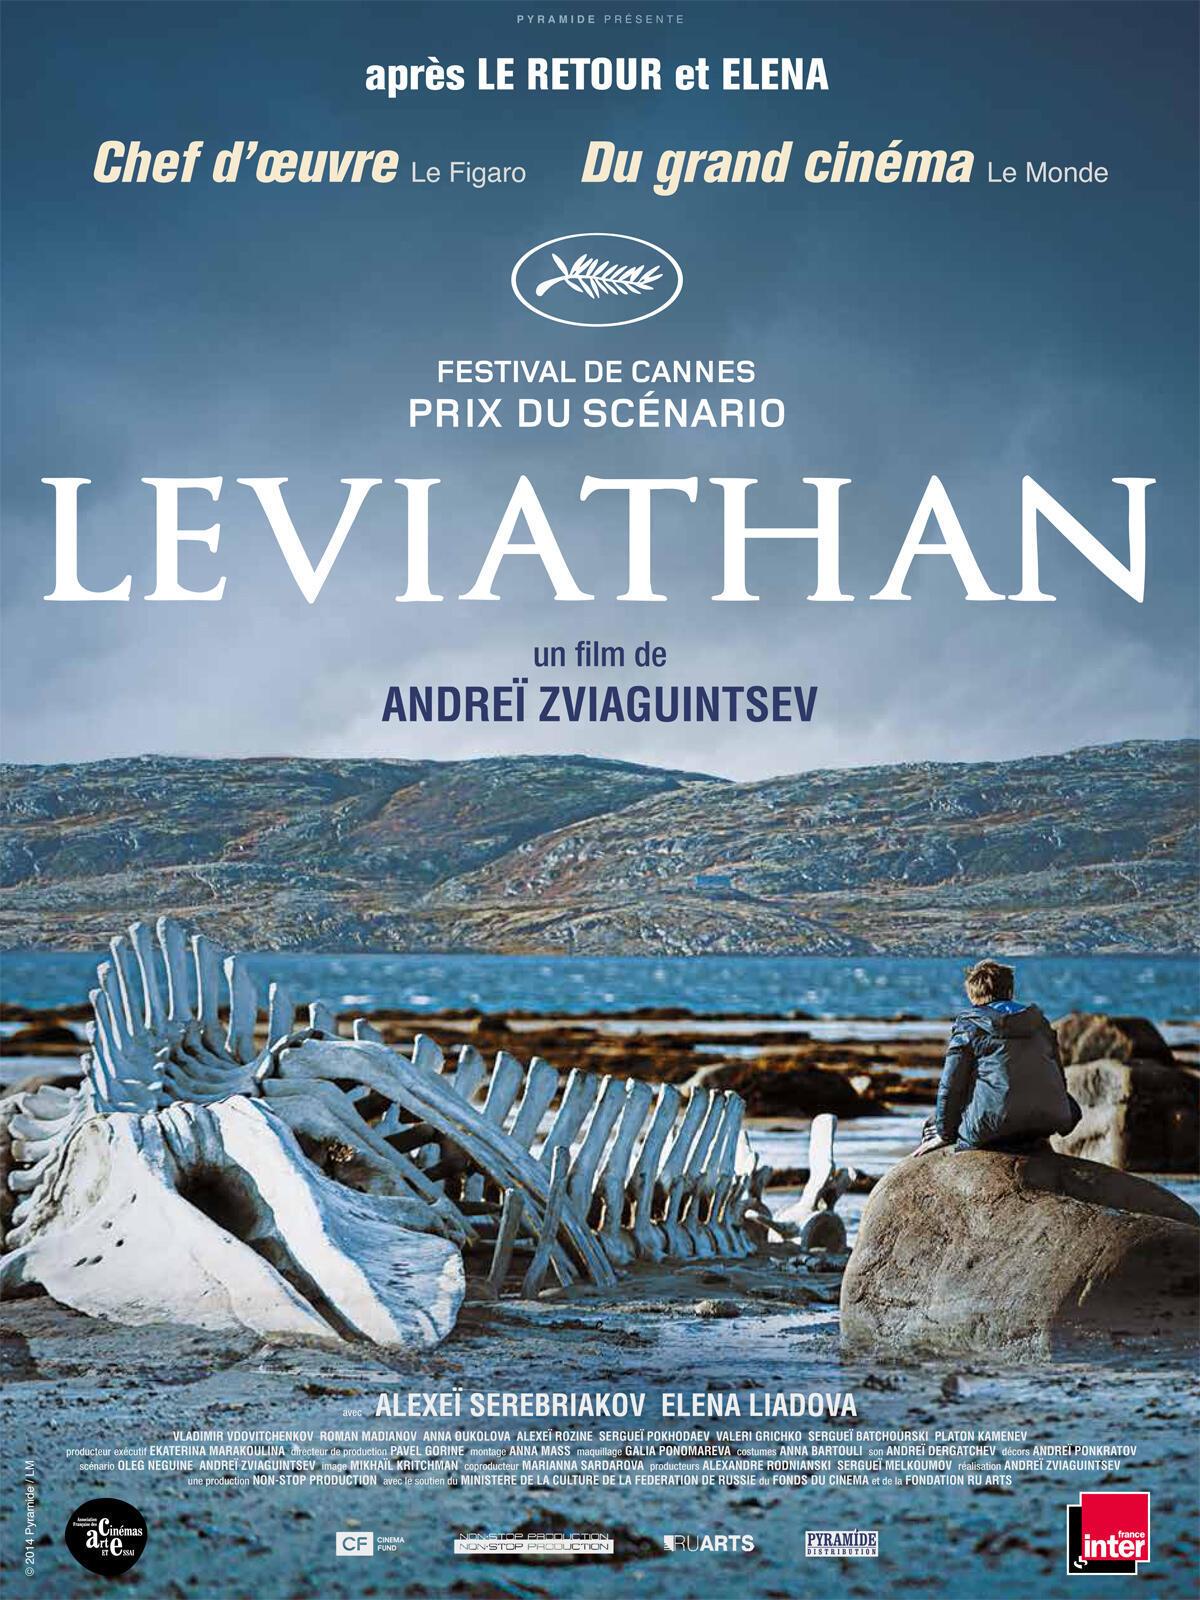 Áp phích quảng cáo phim Leviathan